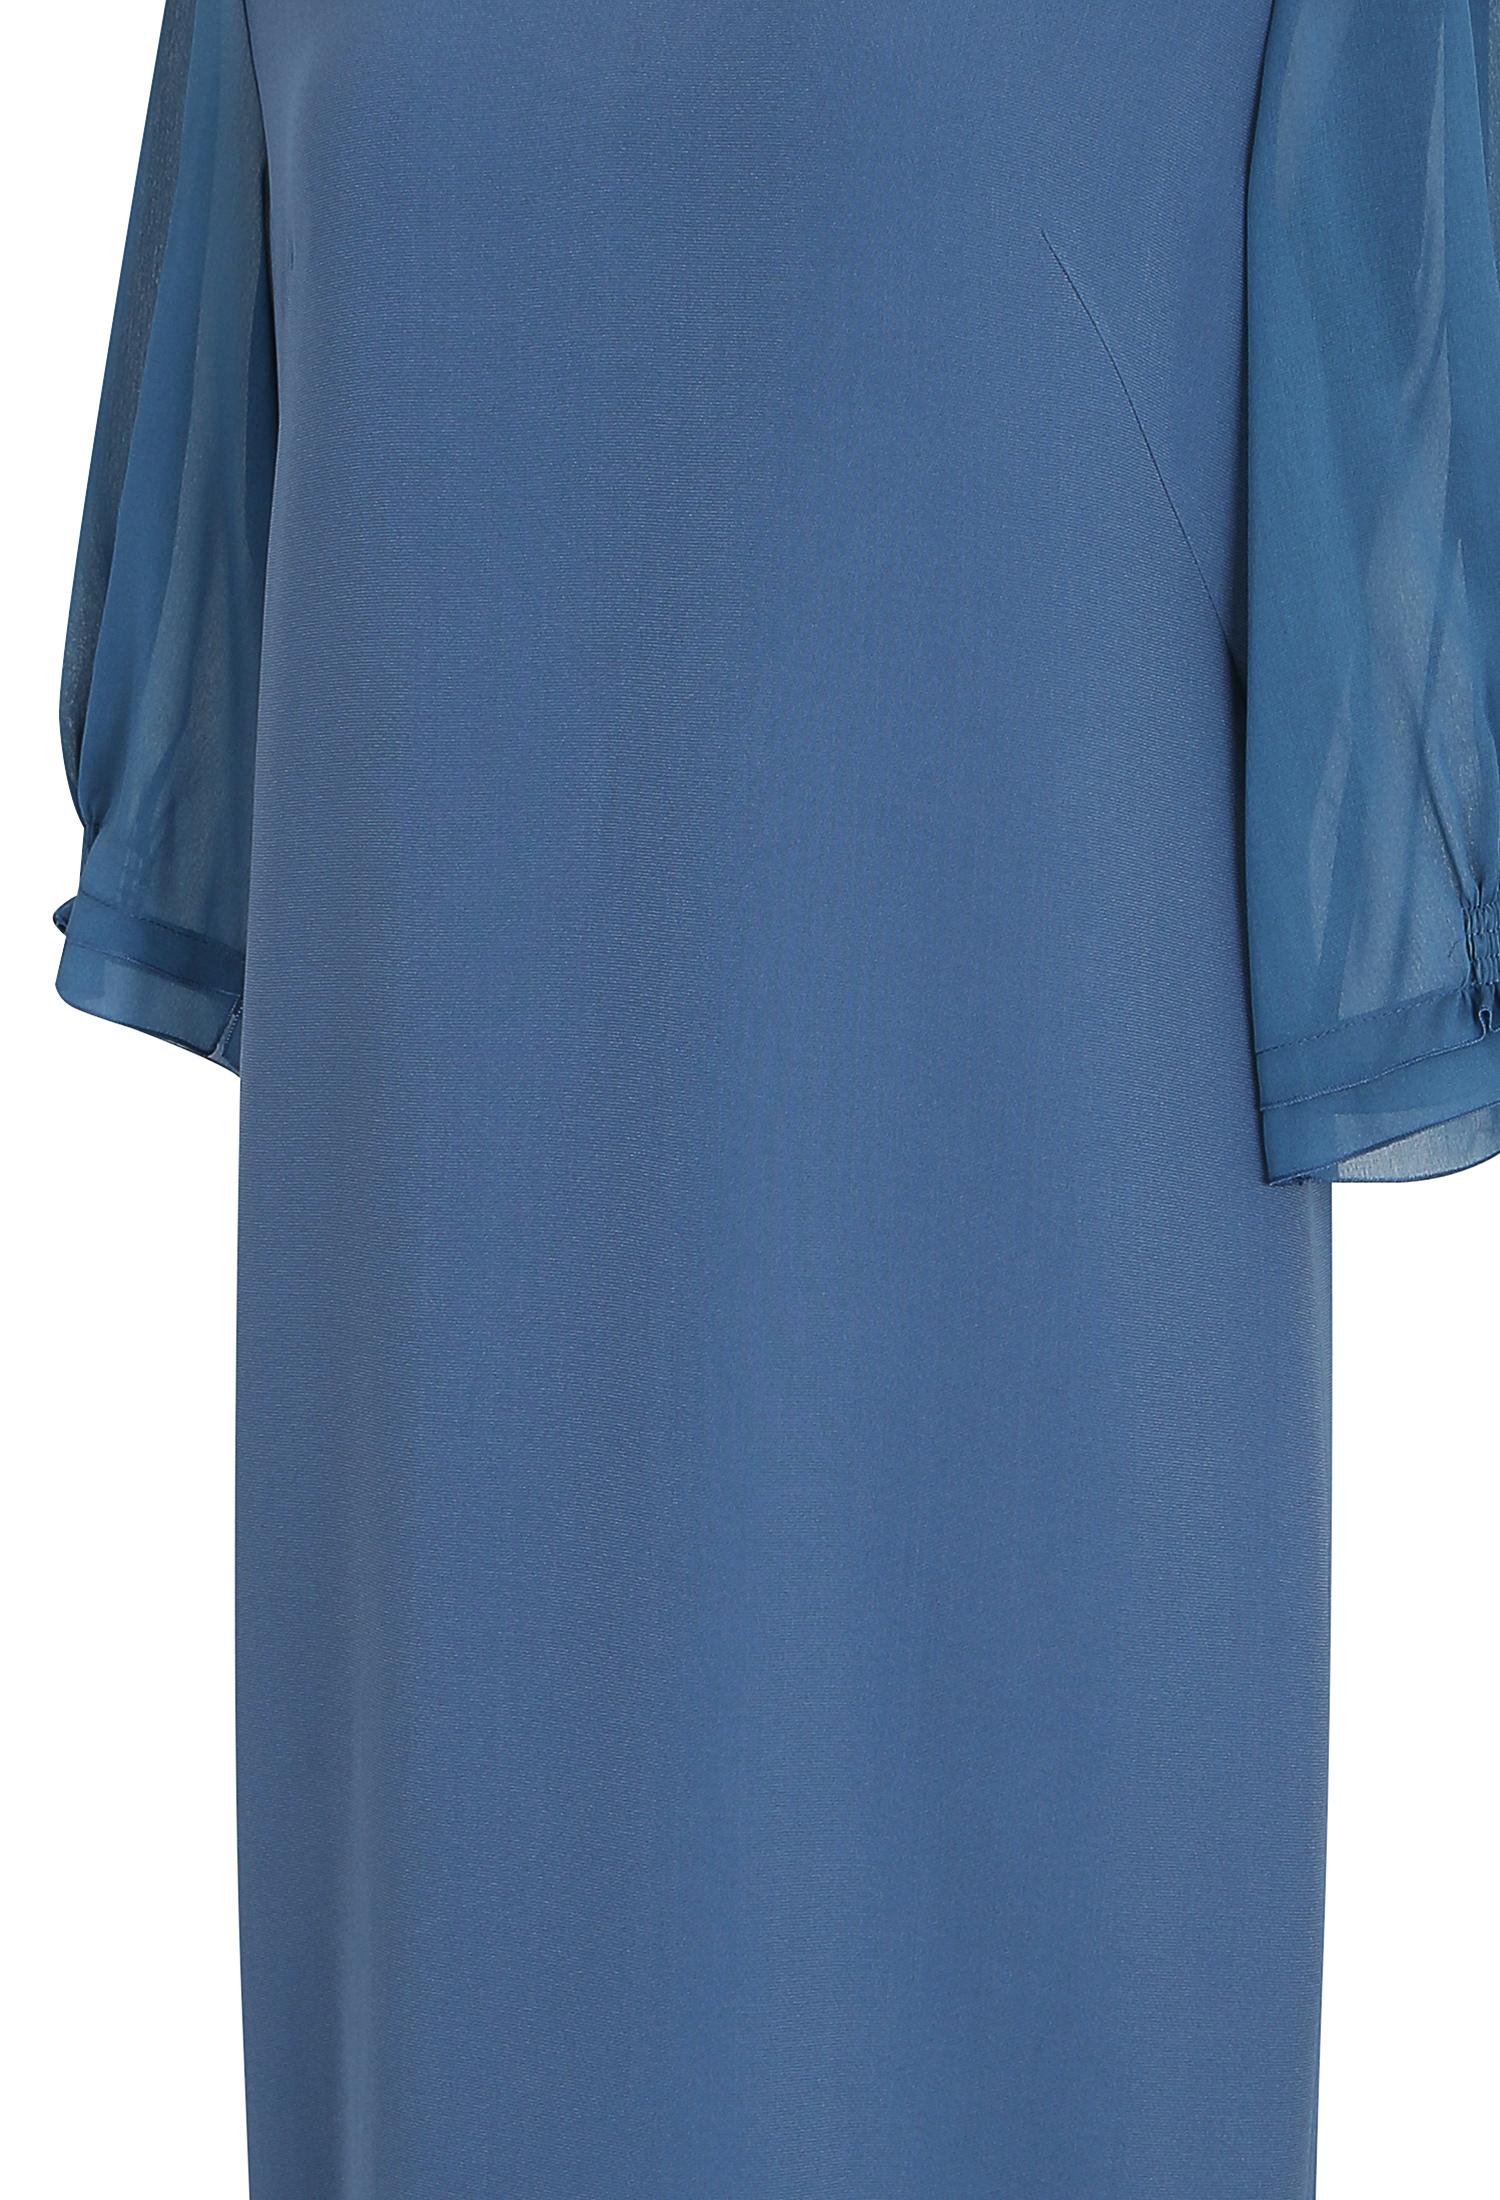 스모킹 쉬폰 배색 원피스 (BLUE)